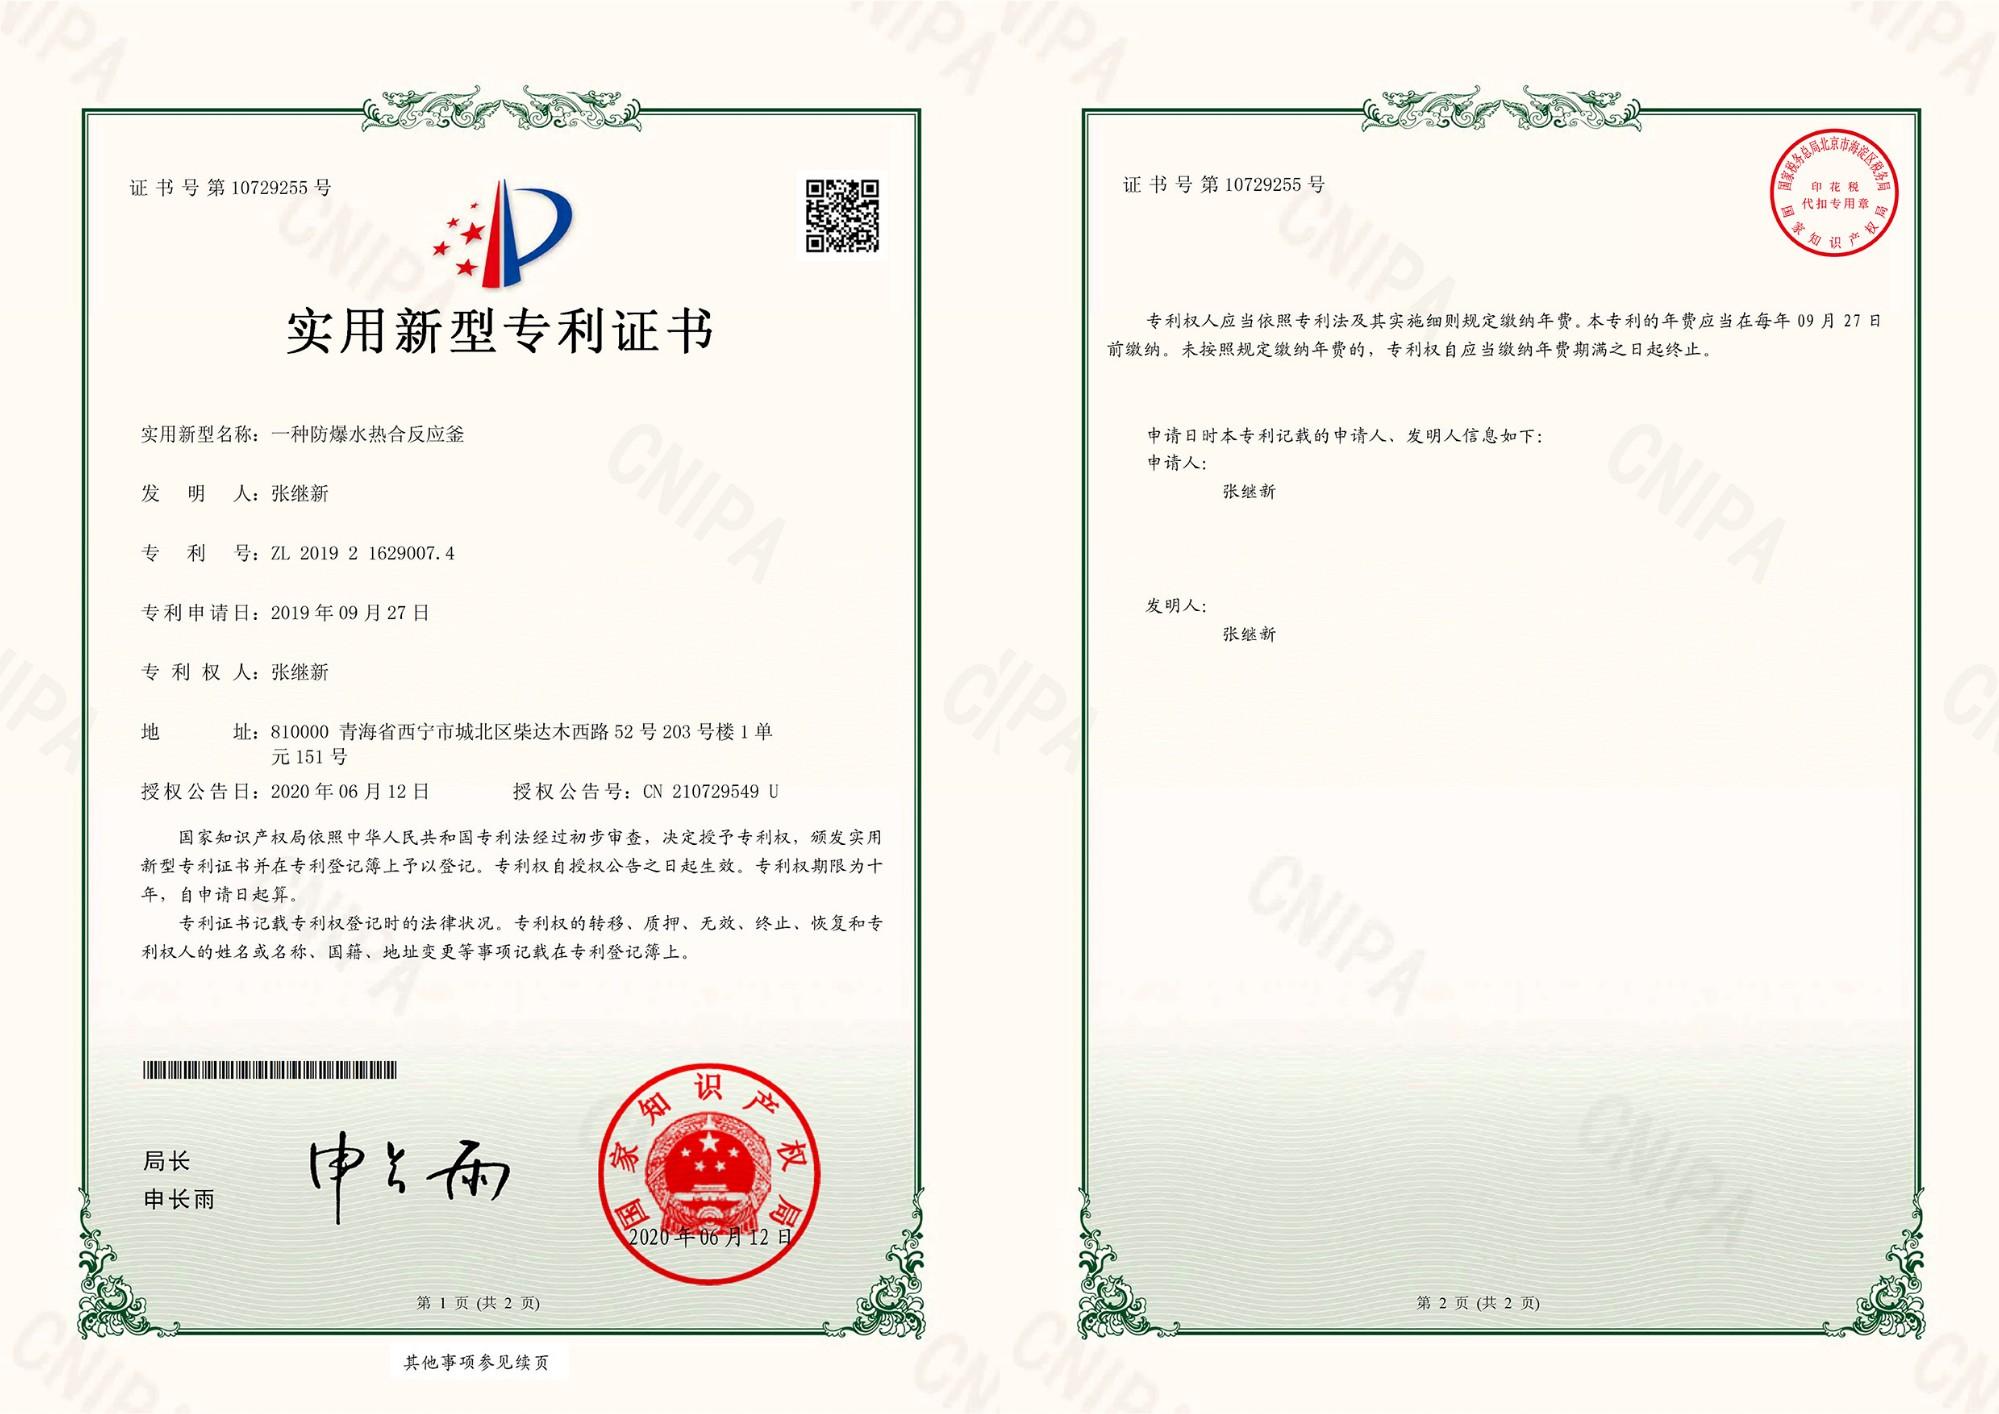 防爆水熱和成反應釜實用新型專利證書